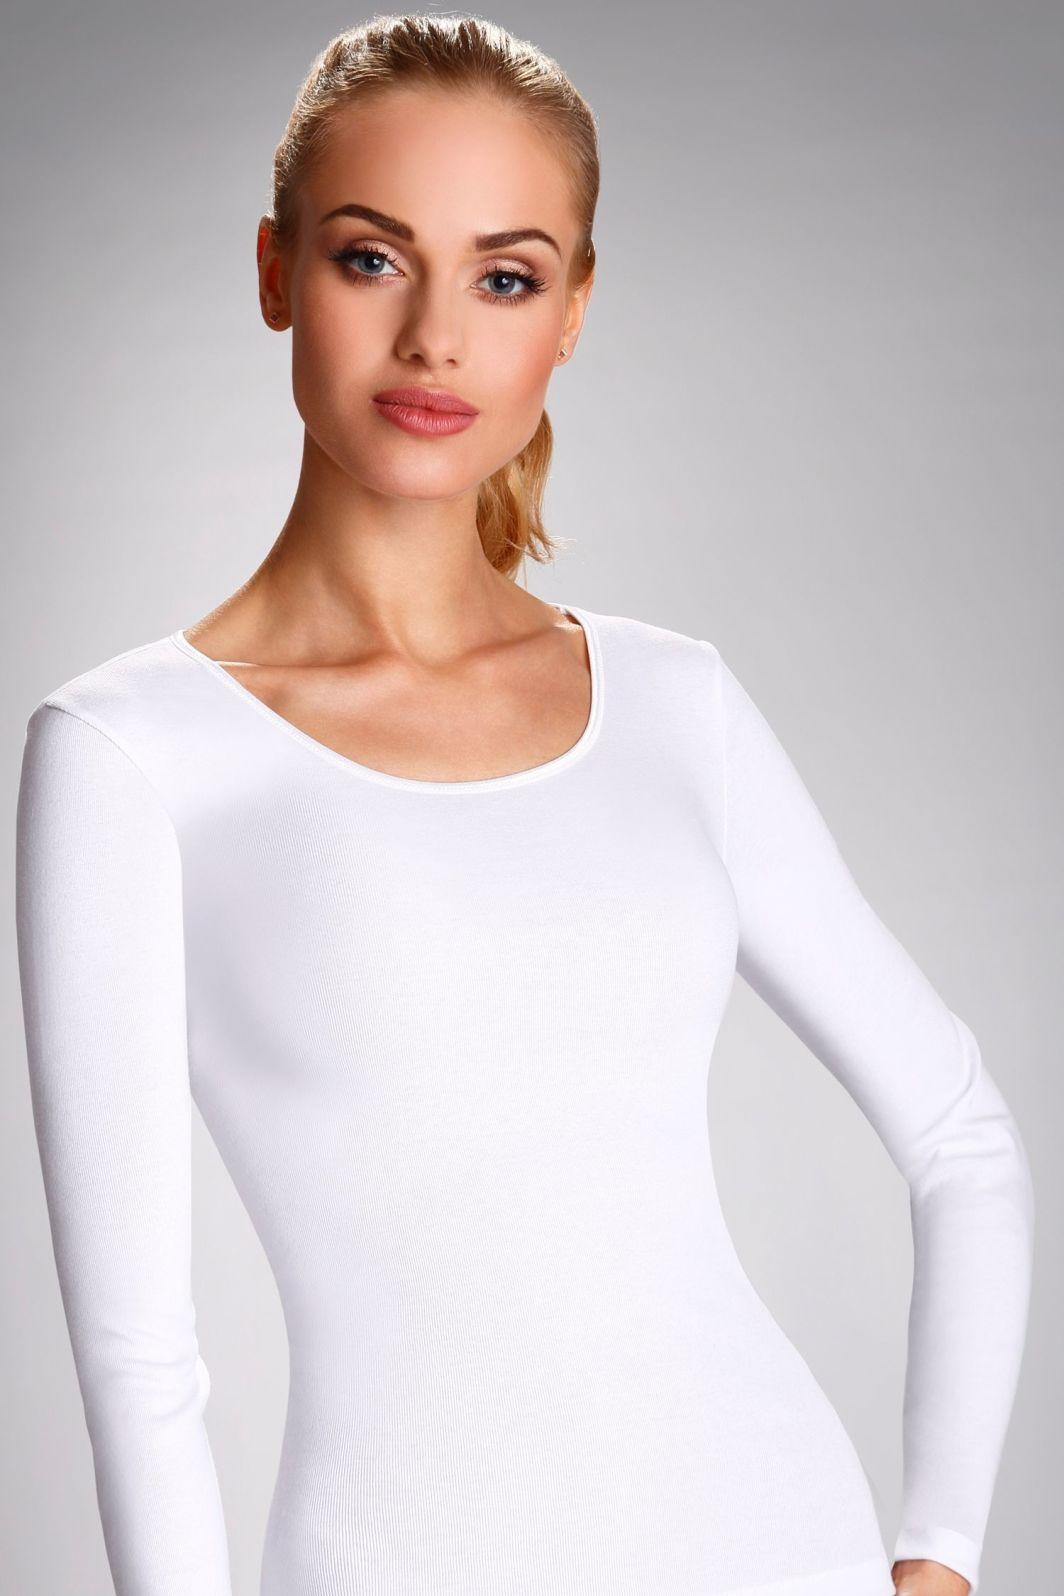 Eldar Koszulka irene plus biała r. XXL 1